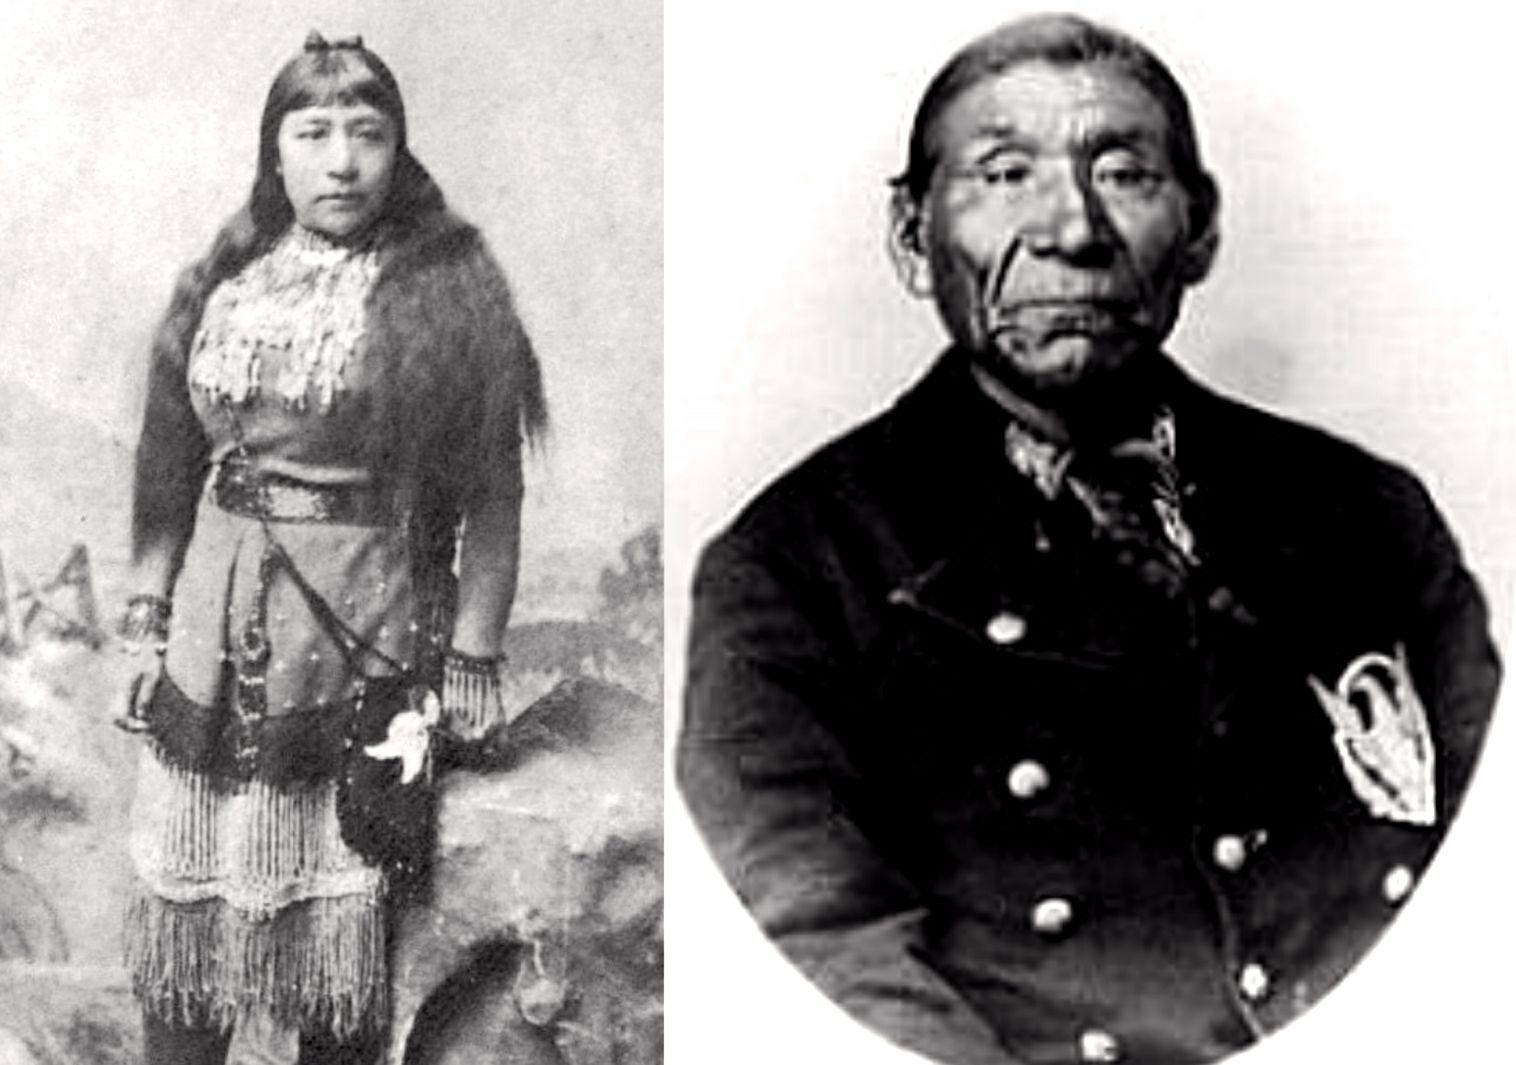 Sarah Winnemucca, spisovateľka a lektorka Paiute, po boku svojho otca a vedúceho Poita Winnemucca z rodákov z Paiute v Nevade